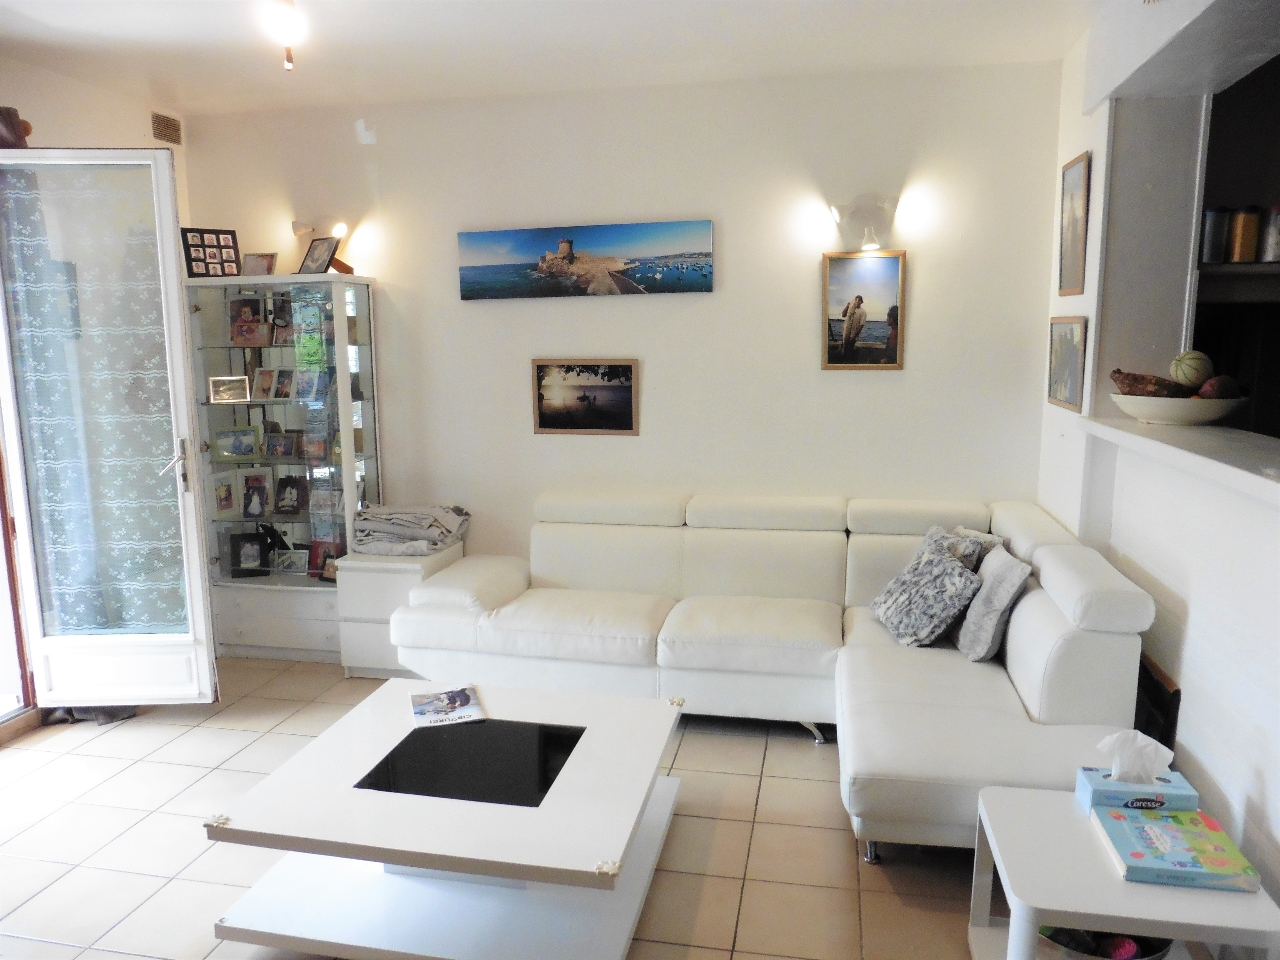 vente maison à CIBOURE - 1 117 000